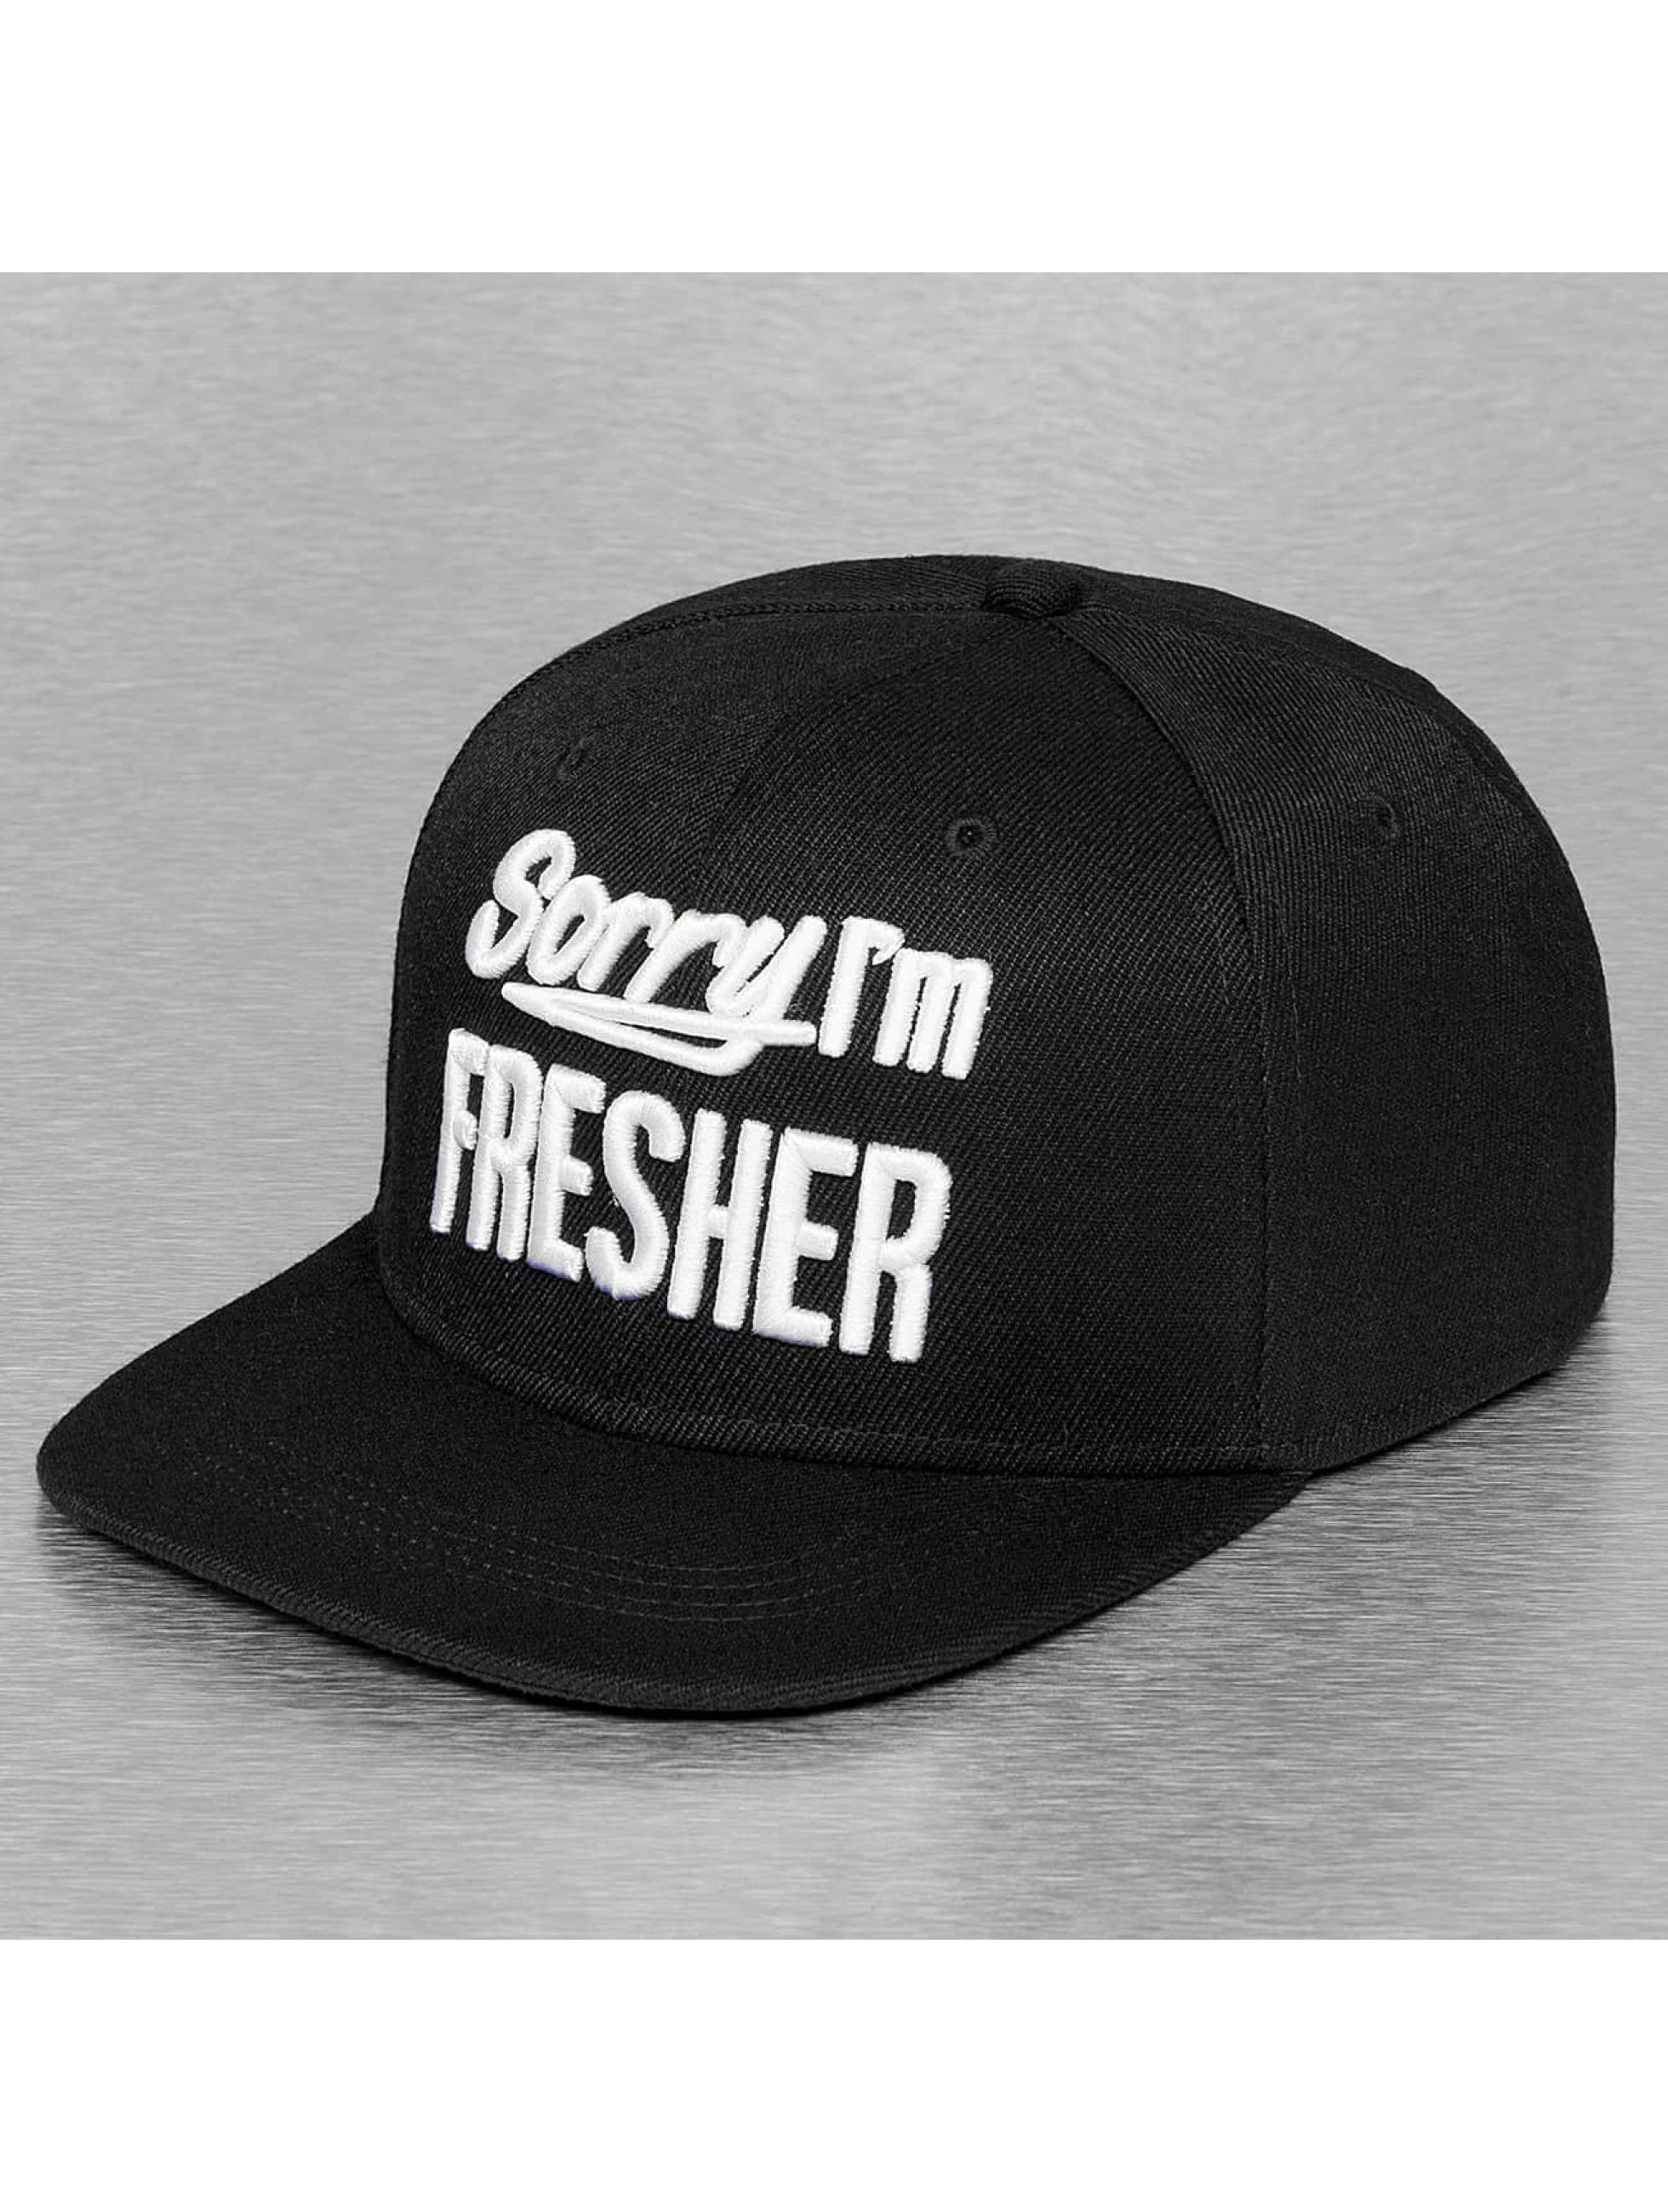 TrueSpin Casquette Snapback & Strapback Sorry Im Fresher noir